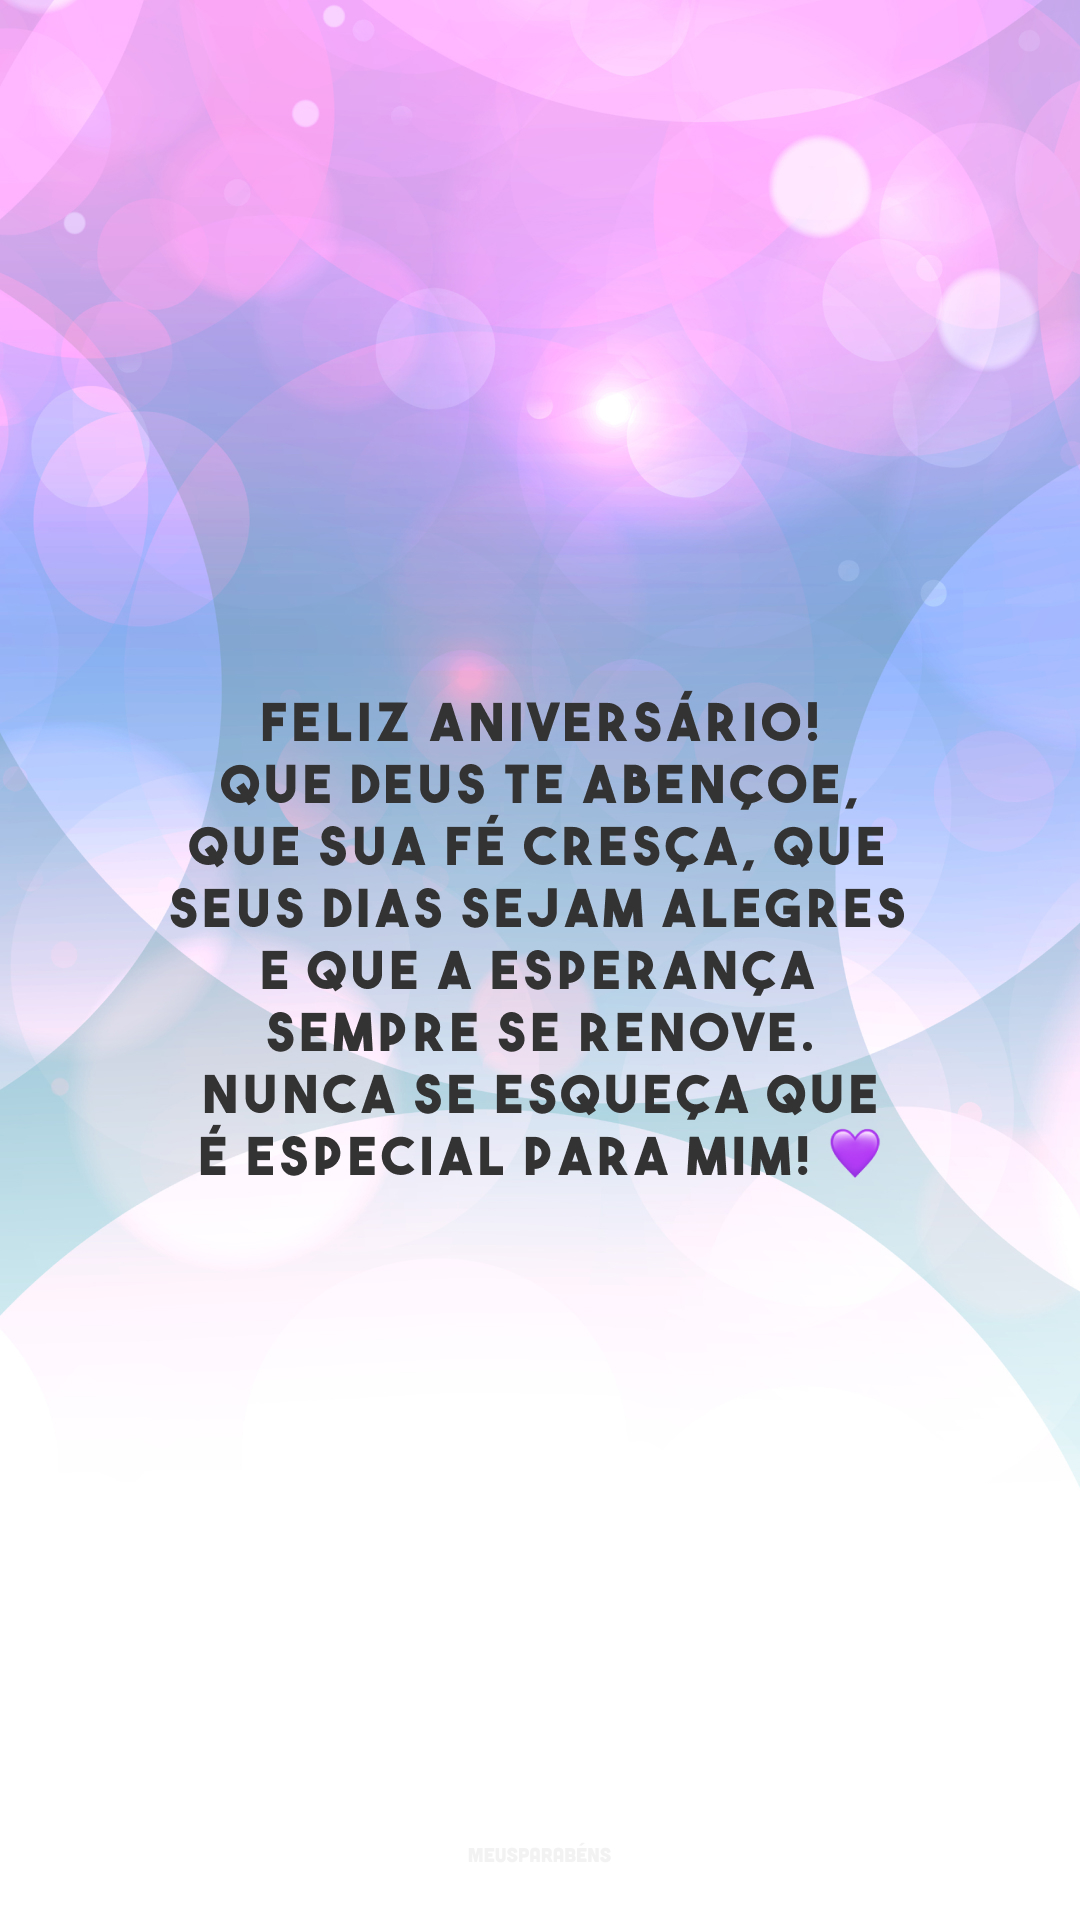 Feliz aniversário! Que Deus te abençoe, que sua fé cresça, que seus dias sejam alegres e que a esperança sempre se renove. Nunca se esqueça que é especial para mim!